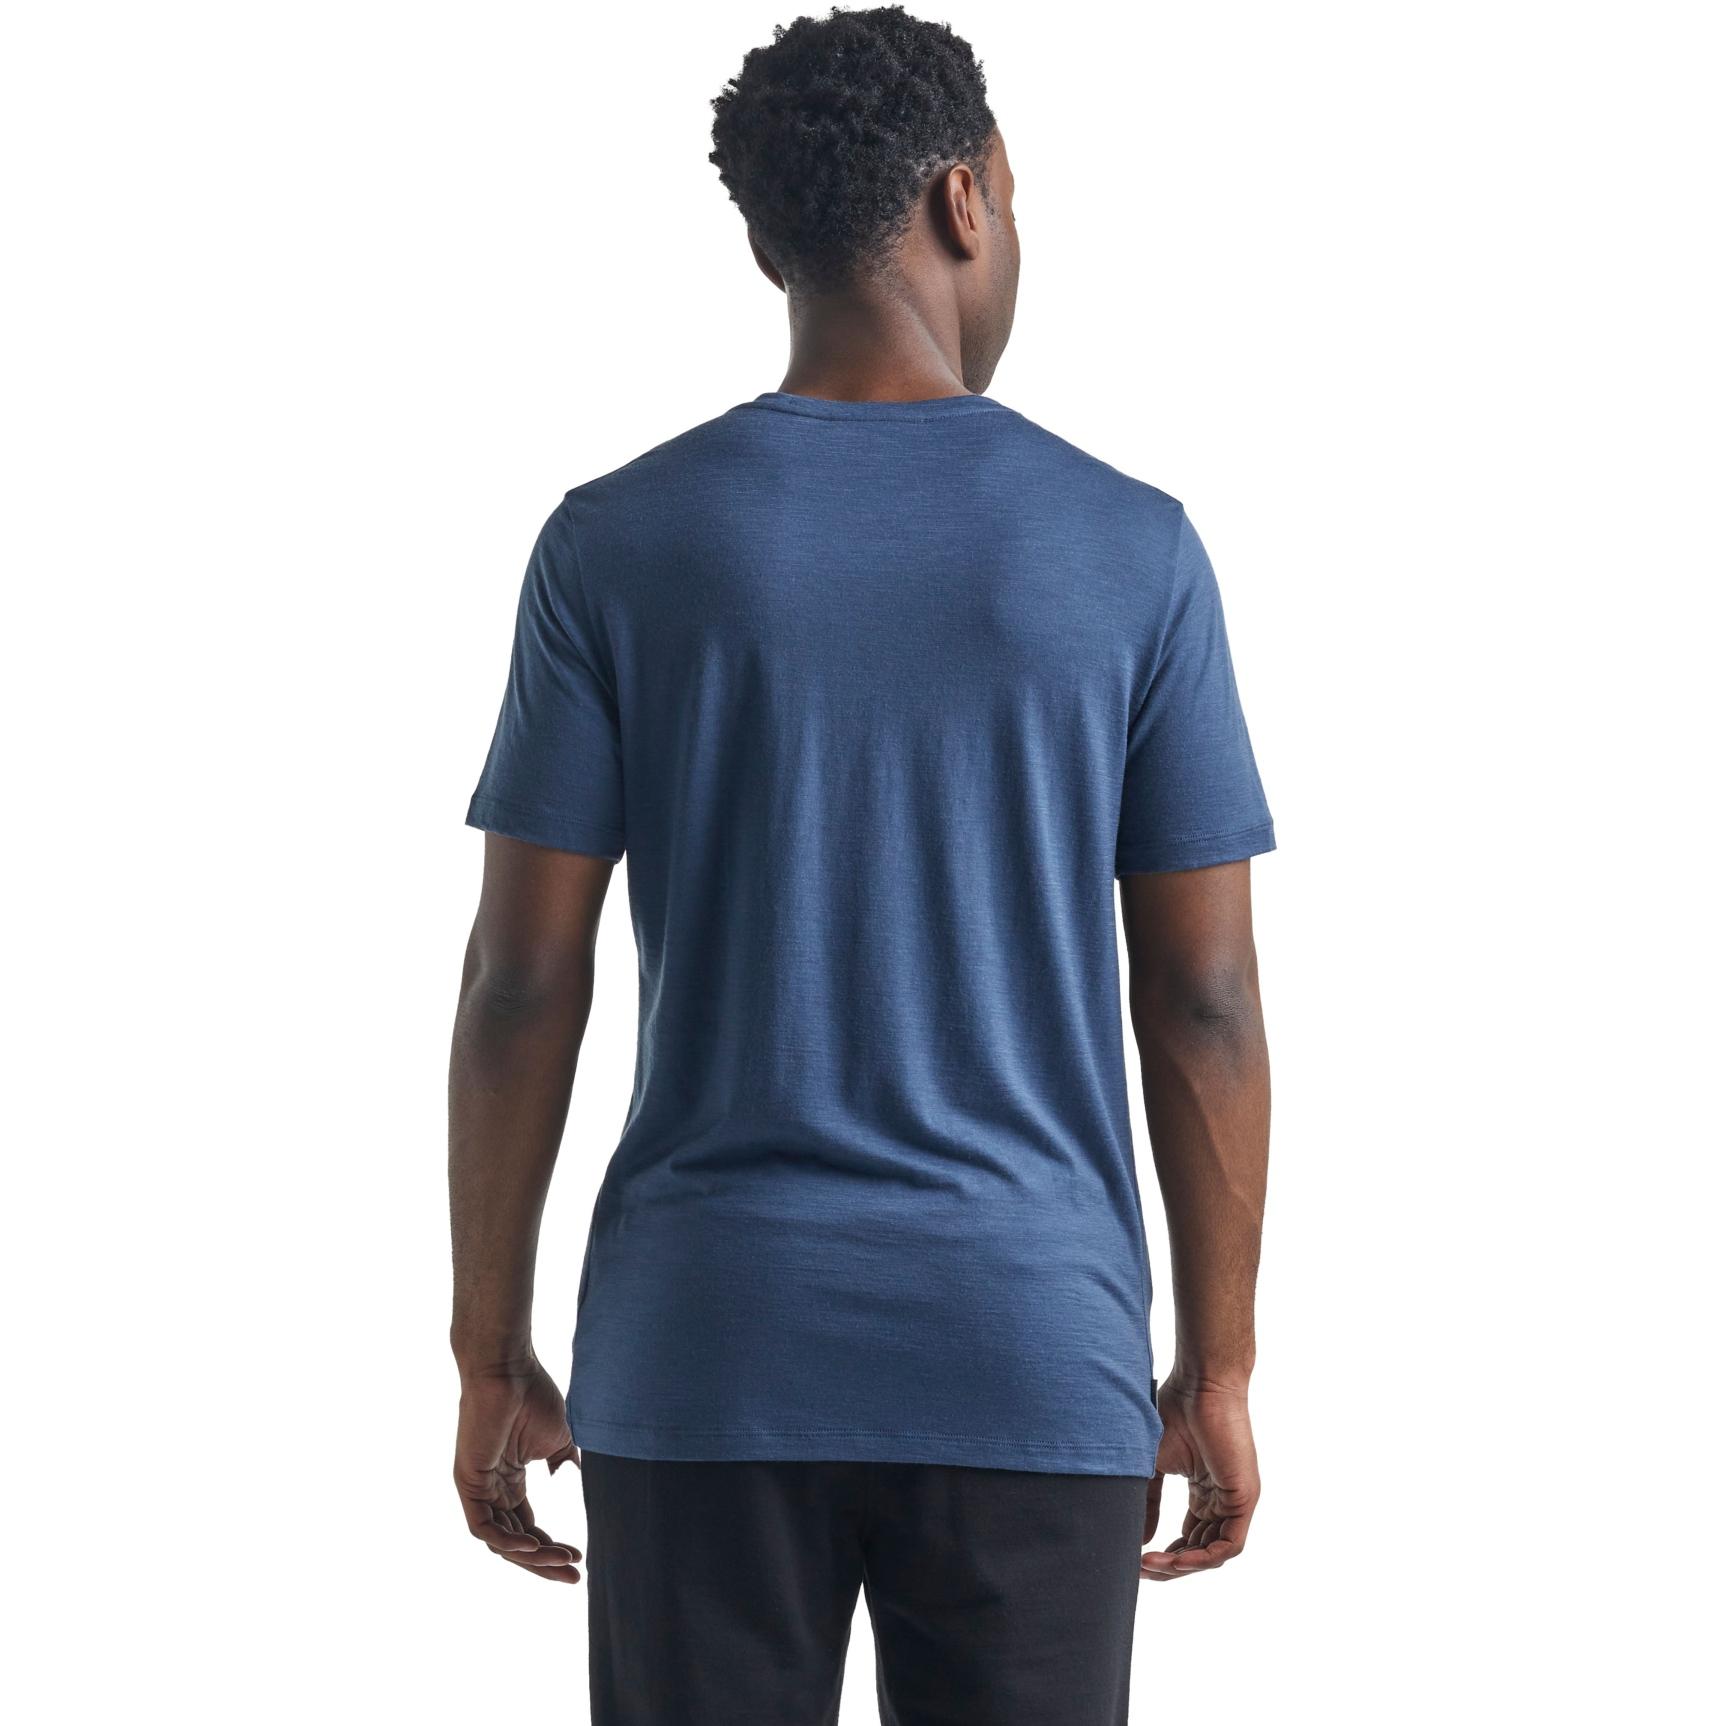 Bild von Icebreaker Tech Lite Crewe St Anton Herren T-Shirt - Serene Blue